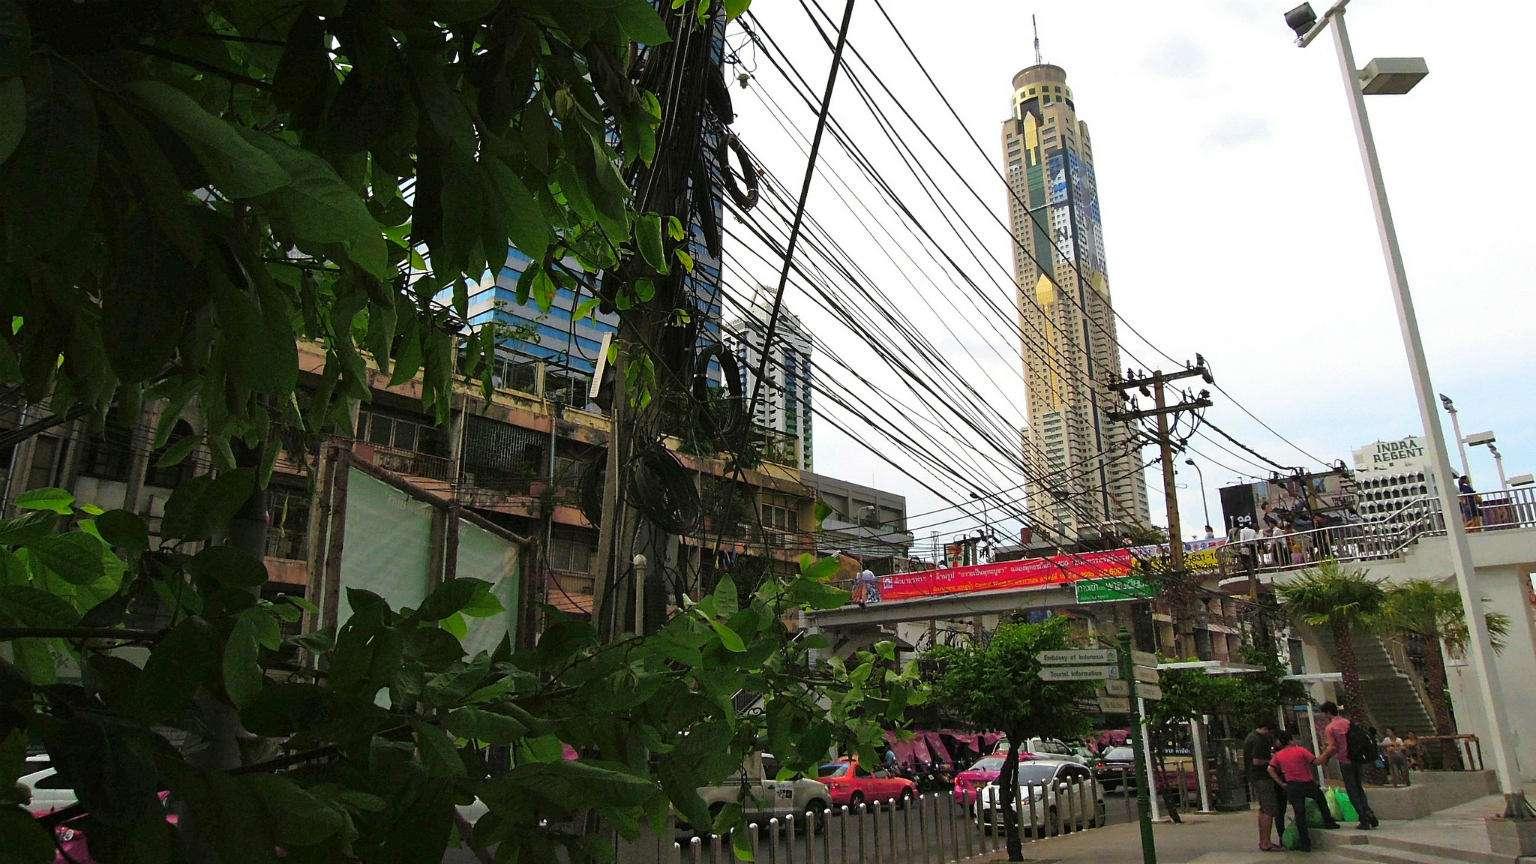 Baiyoke Sky, hotel met 84 verdiepingen vanaf de straat gezien.